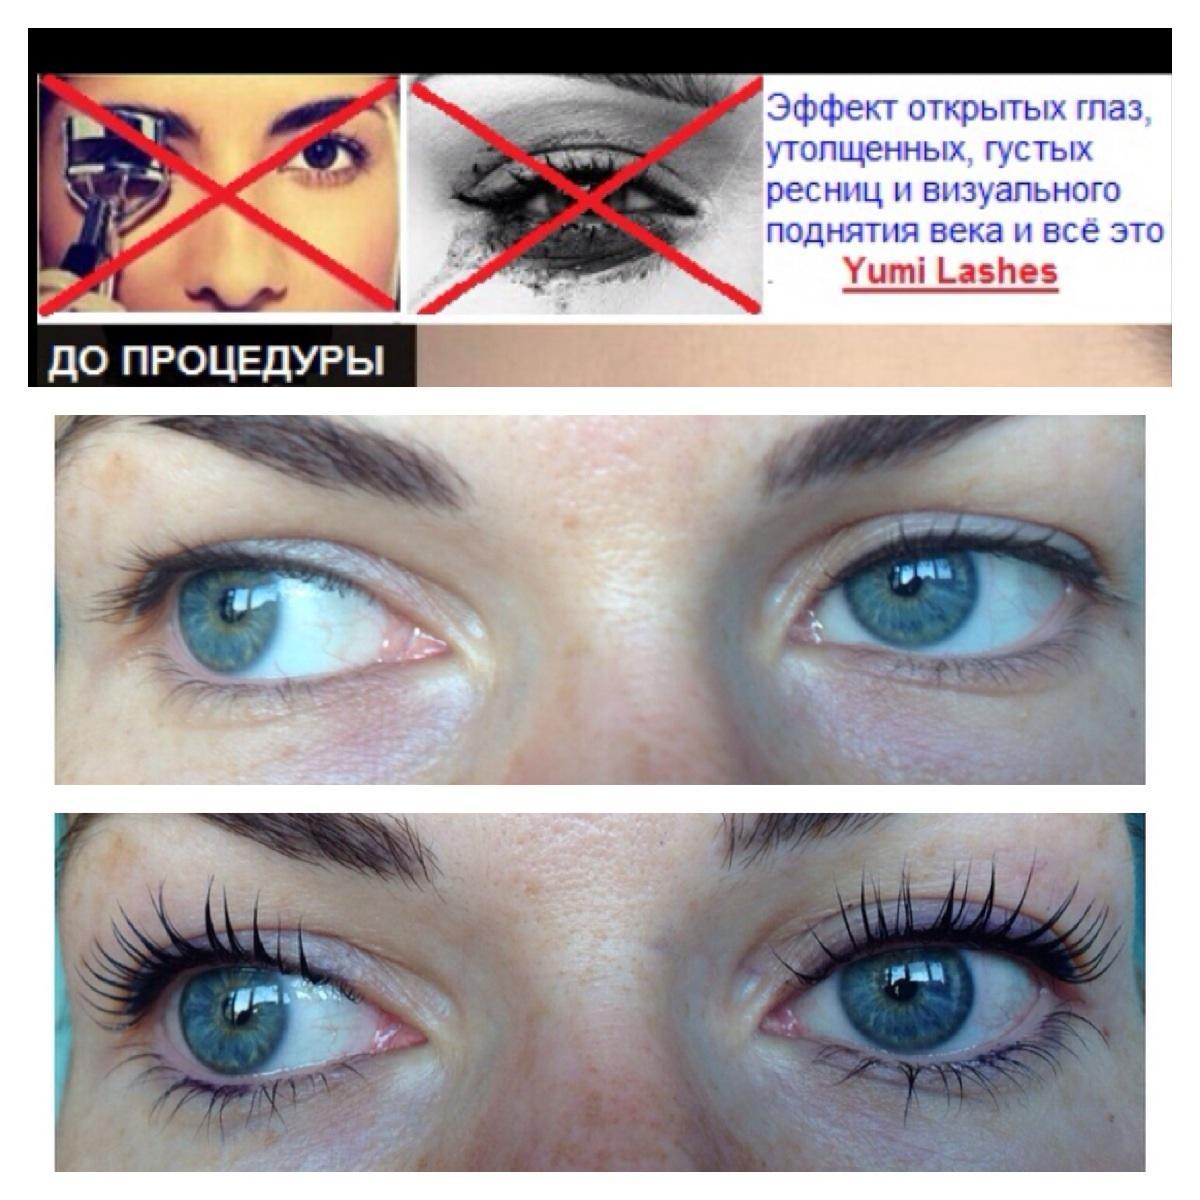 Отзывы о ламинировании ресниц yumi lashes